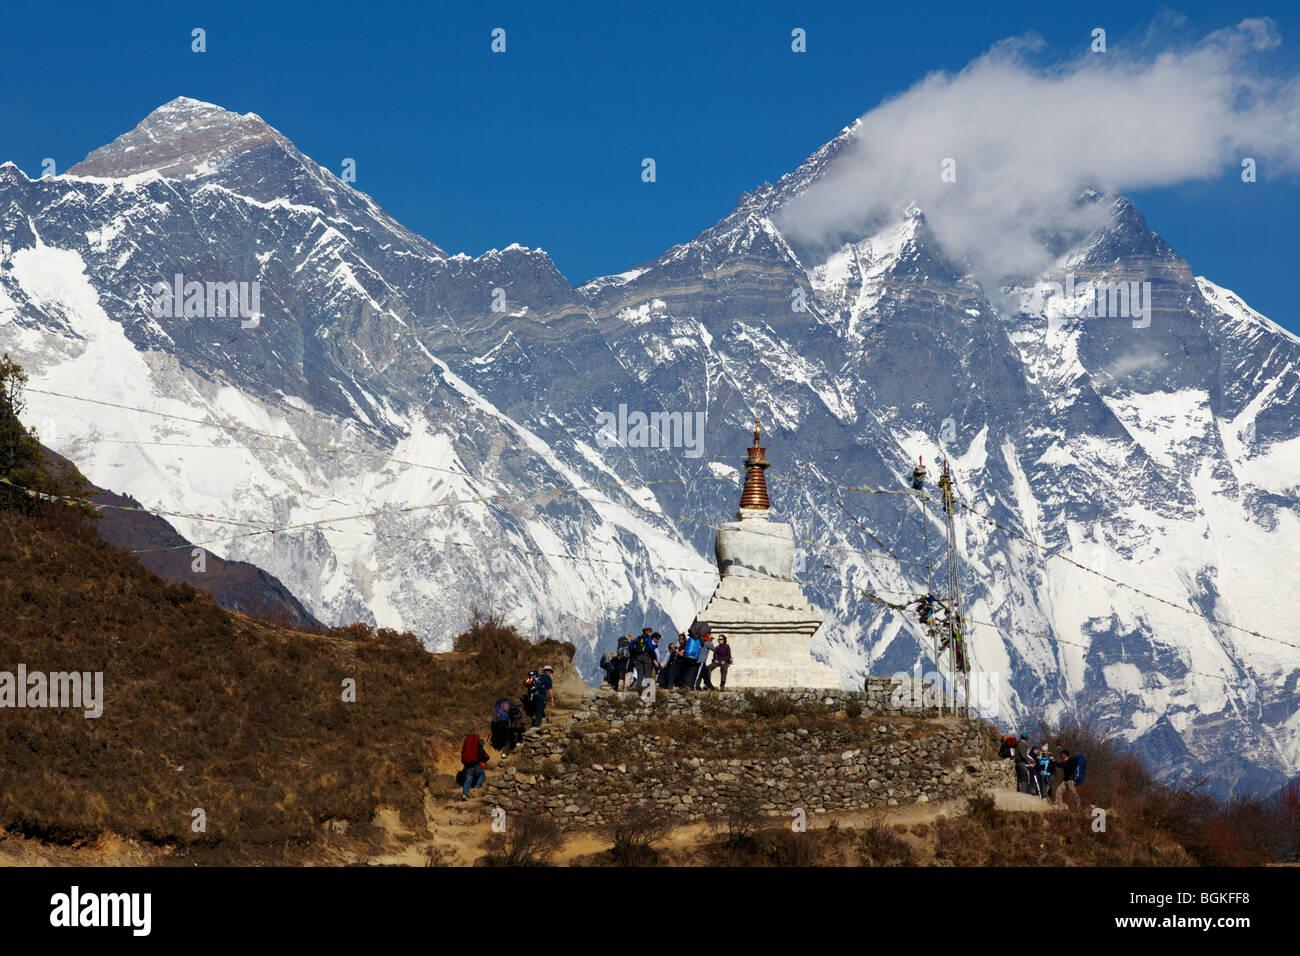 Mount  Everest Region Himalayas Nepal Asia - Stock Image